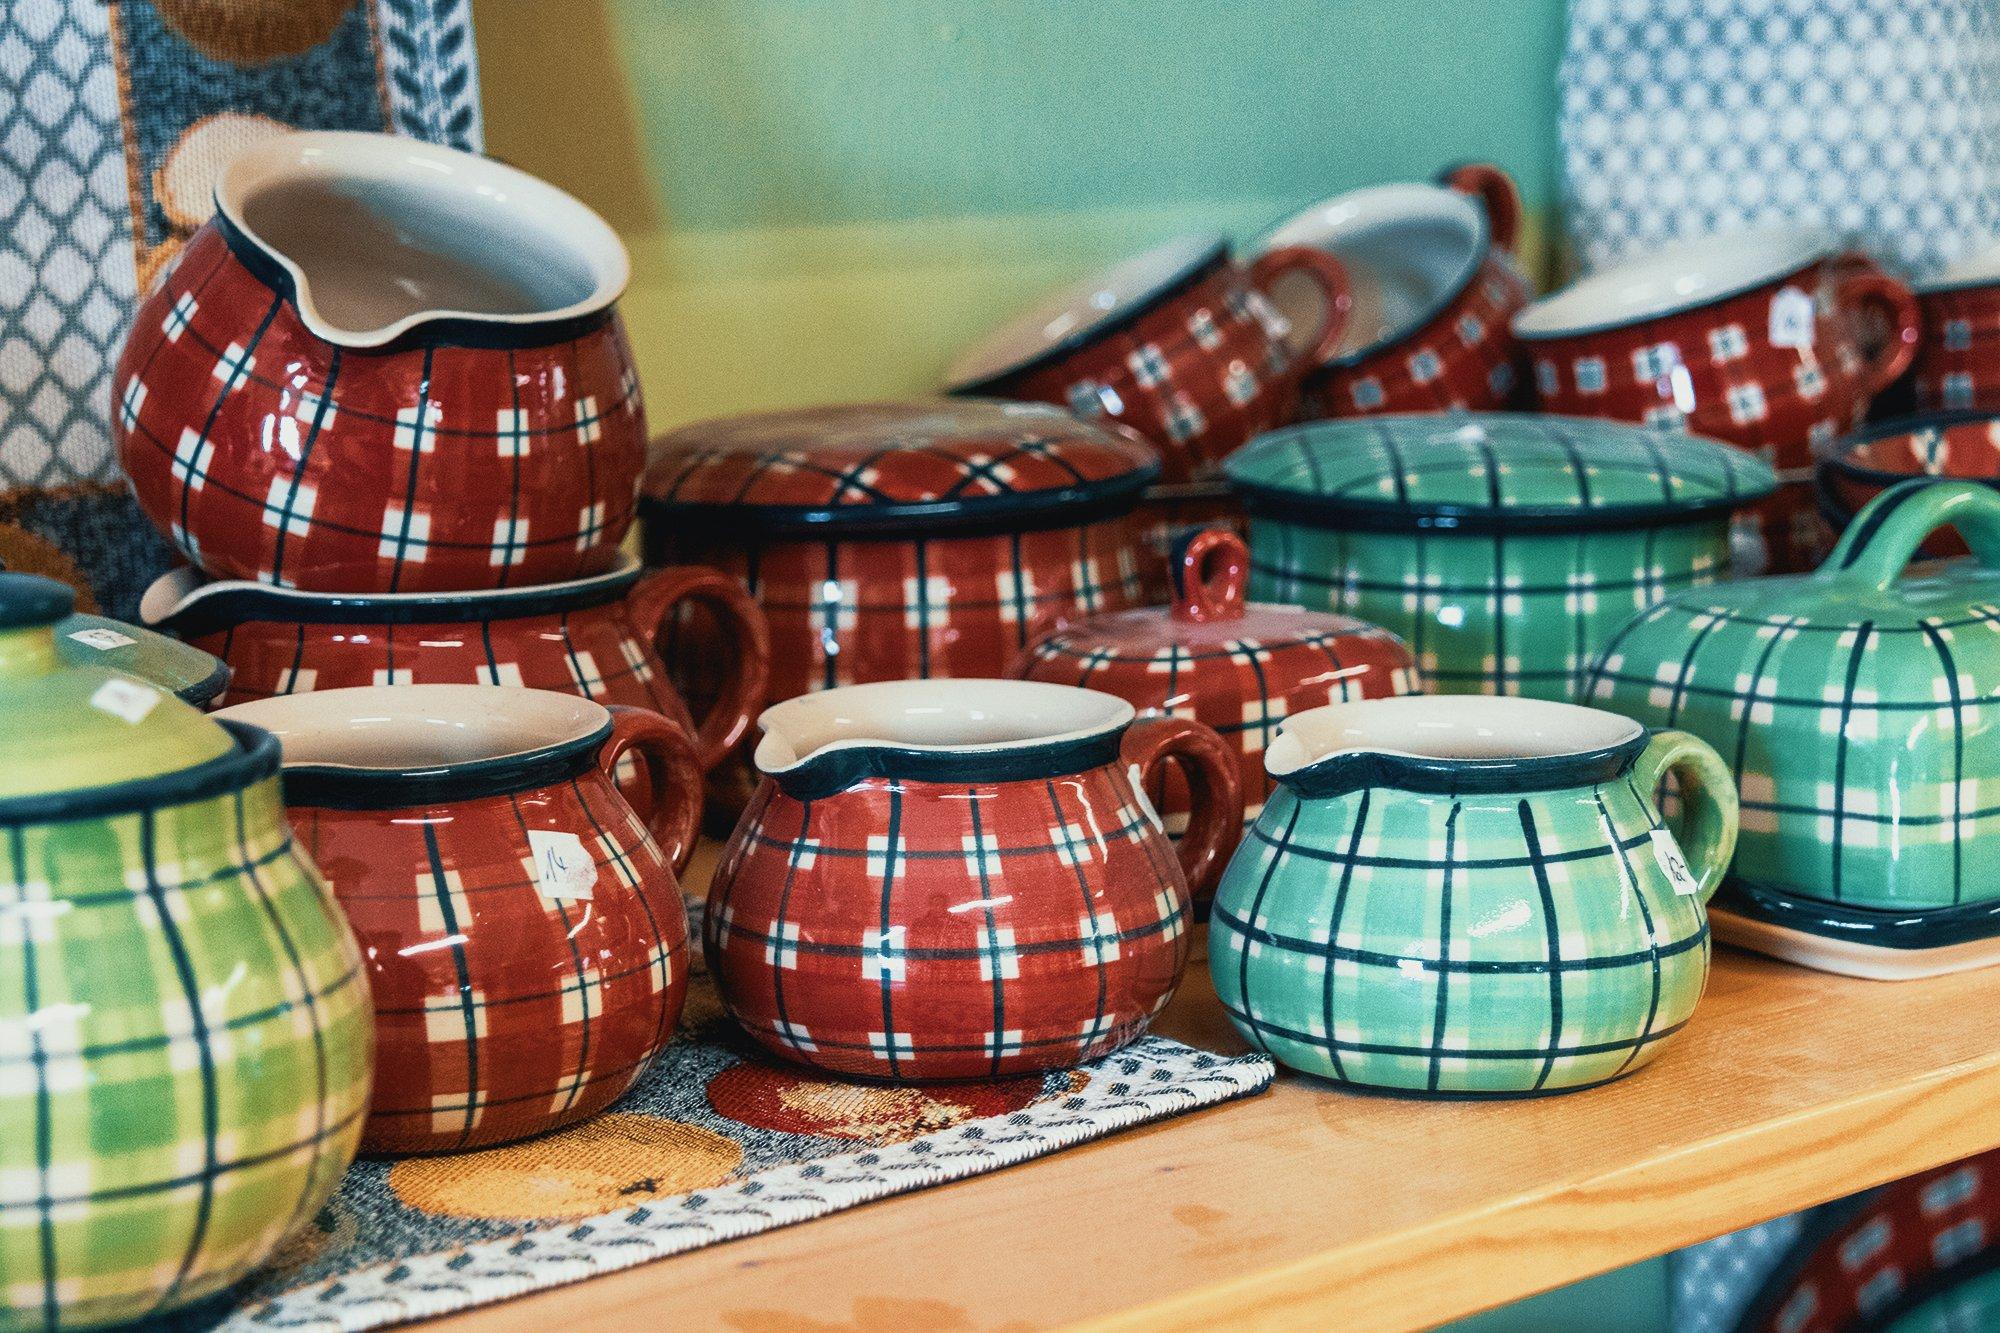 keramik mellenthin tassen firstwithhertz trendlupe ein trendiger blick auf produktneuheiten. Black Bedroom Furniture Sets. Home Design Ideas